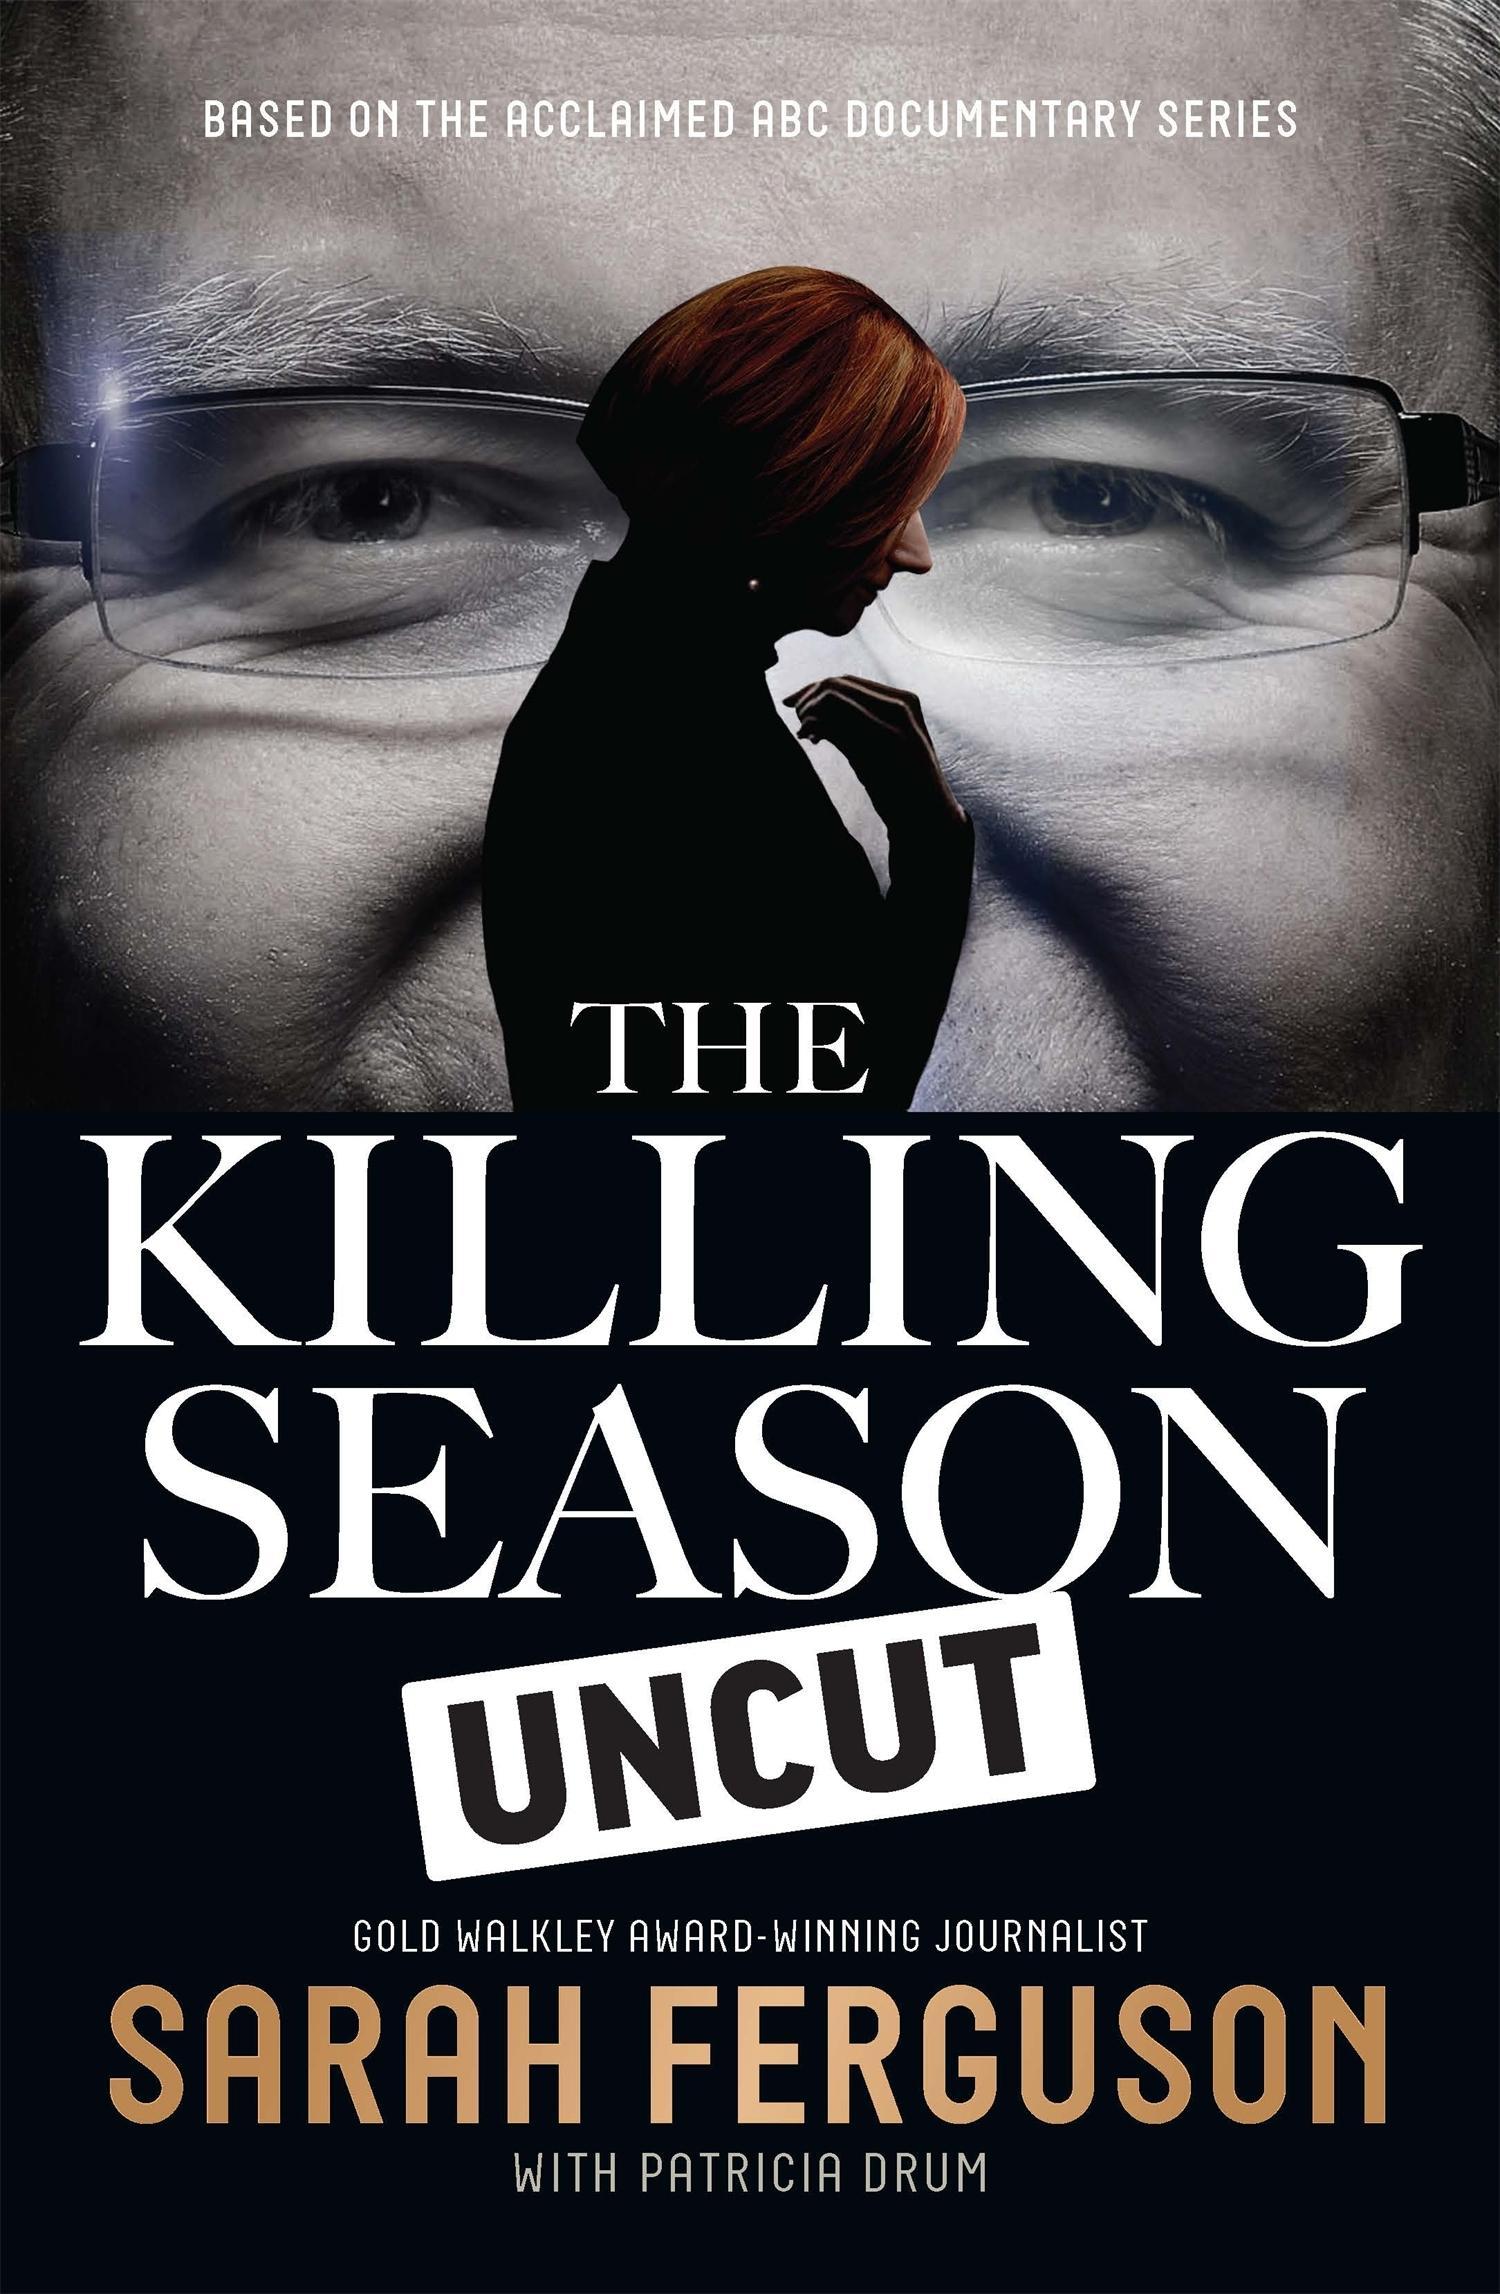 The KillingSeasonUncut